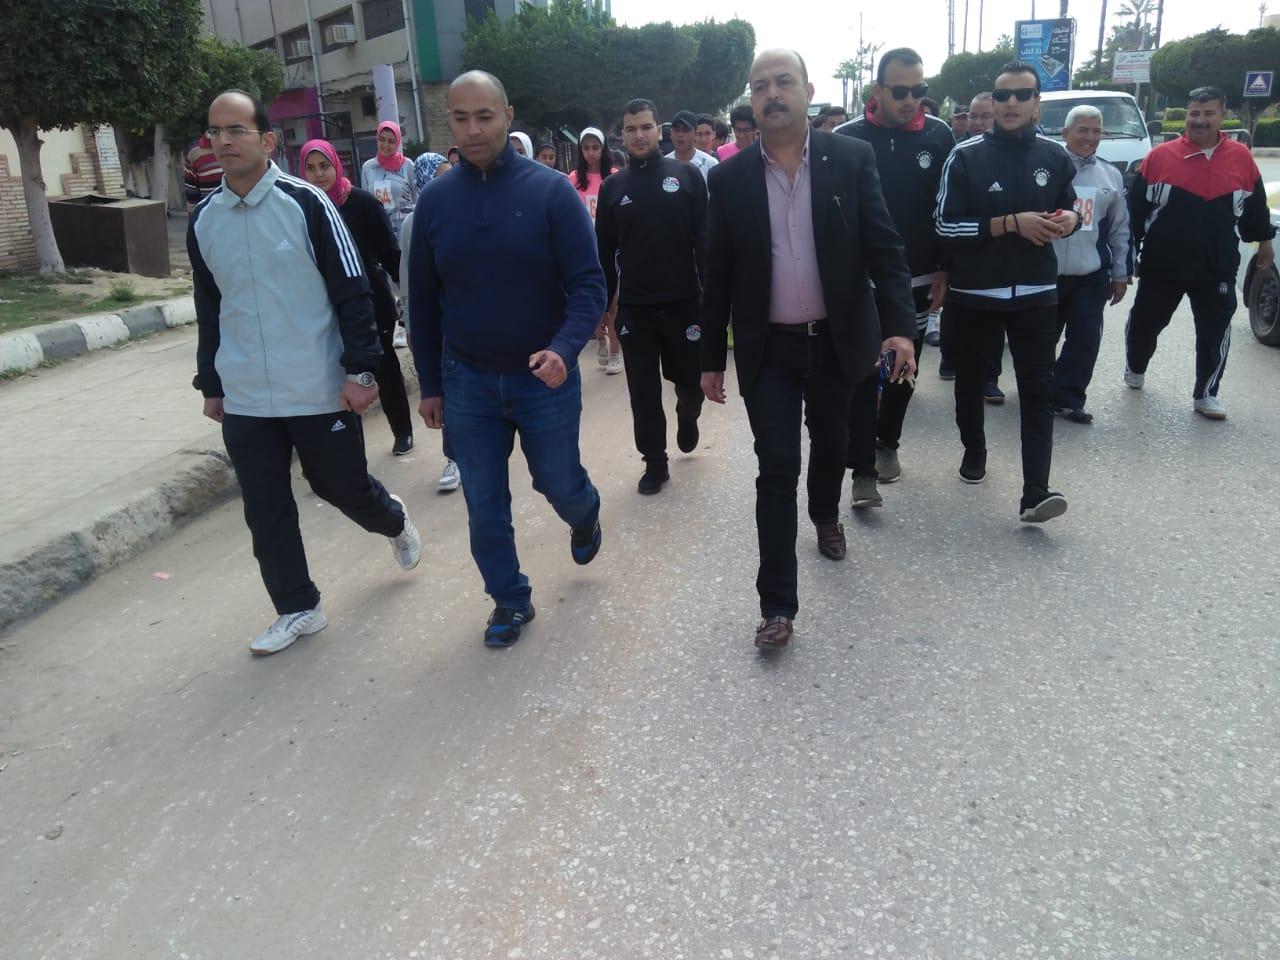 جري ومشي لتنشيط الأحياء السكنية بمدينة كفرالشيخ  (3)